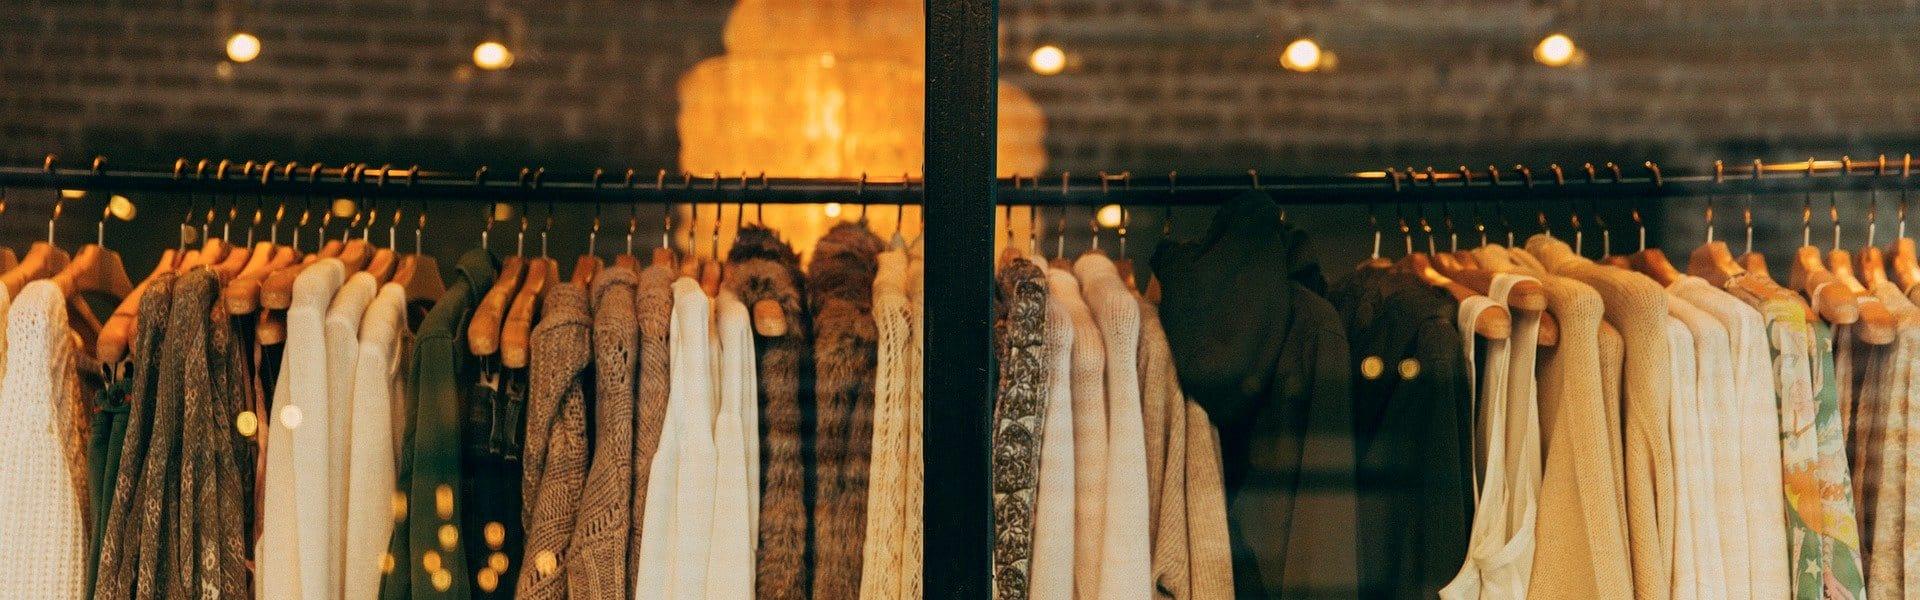 mode où acheter des vêtements plus éthiques